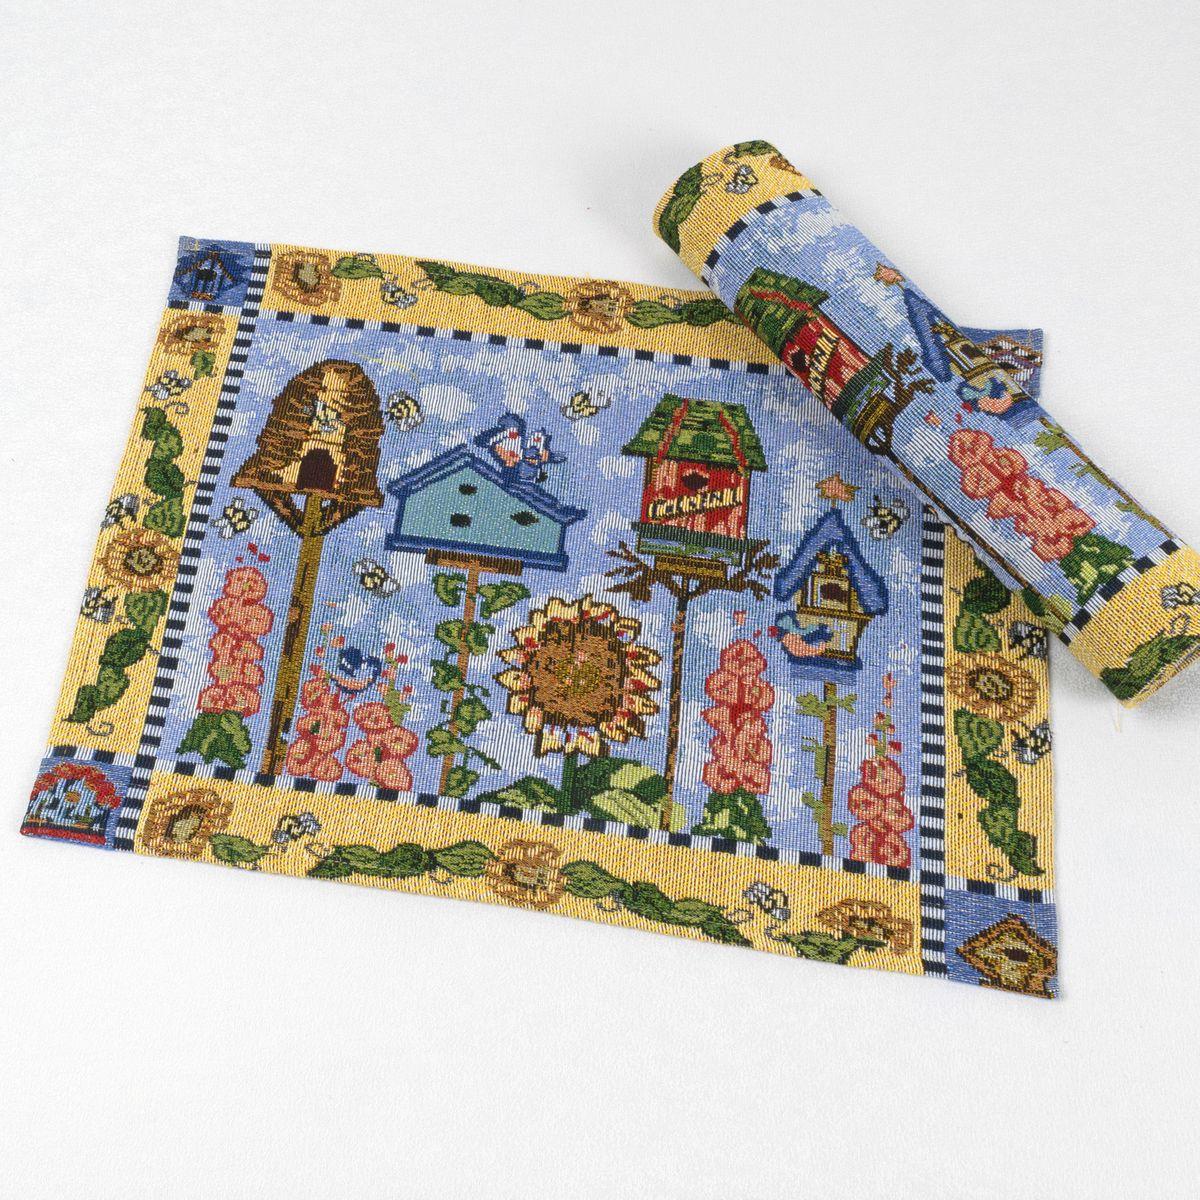 Салфетка Schaefer , 33 х 46 см. 07835-31806929-430Салфетка Schaefer, выполненная из 65% полиэстера и 35% хлопка оформлена оригинальным рисунком. Изысканный текстиль от компании Schaefer - это красота, стиль и уют в вашем доме. Благодаря декоративным салфеткам ваш стол заиграет новыми красками, ведь именно небольшие и милые акценты задают тон и настроение. Дарите себе и близким красоту каждый день!Изделие легко стирать (вручную) и гладить, не требует специального ухода.